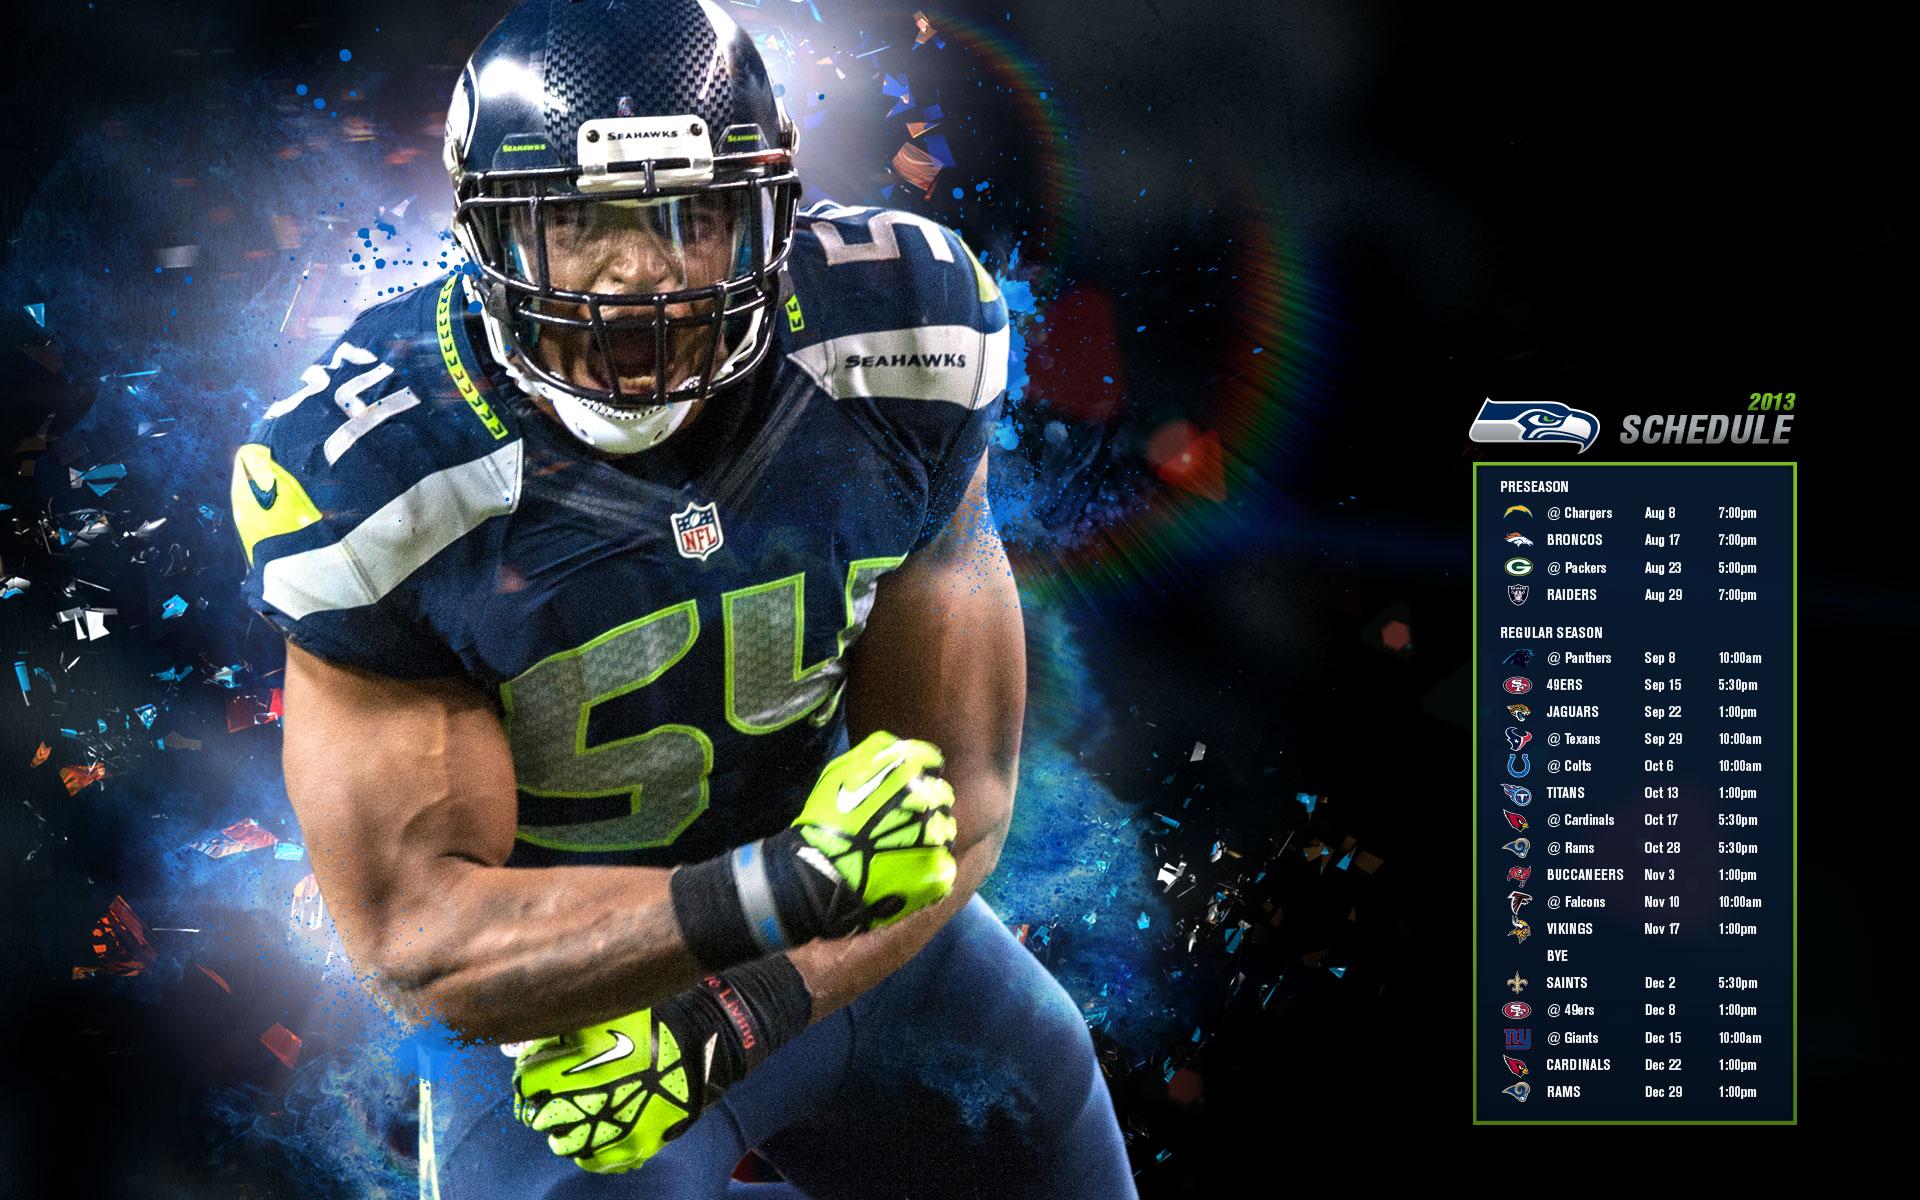 Seahawks Schedule 2013 HD Desktop Wallpaper HD Desktop Wallpaper 1920x1200